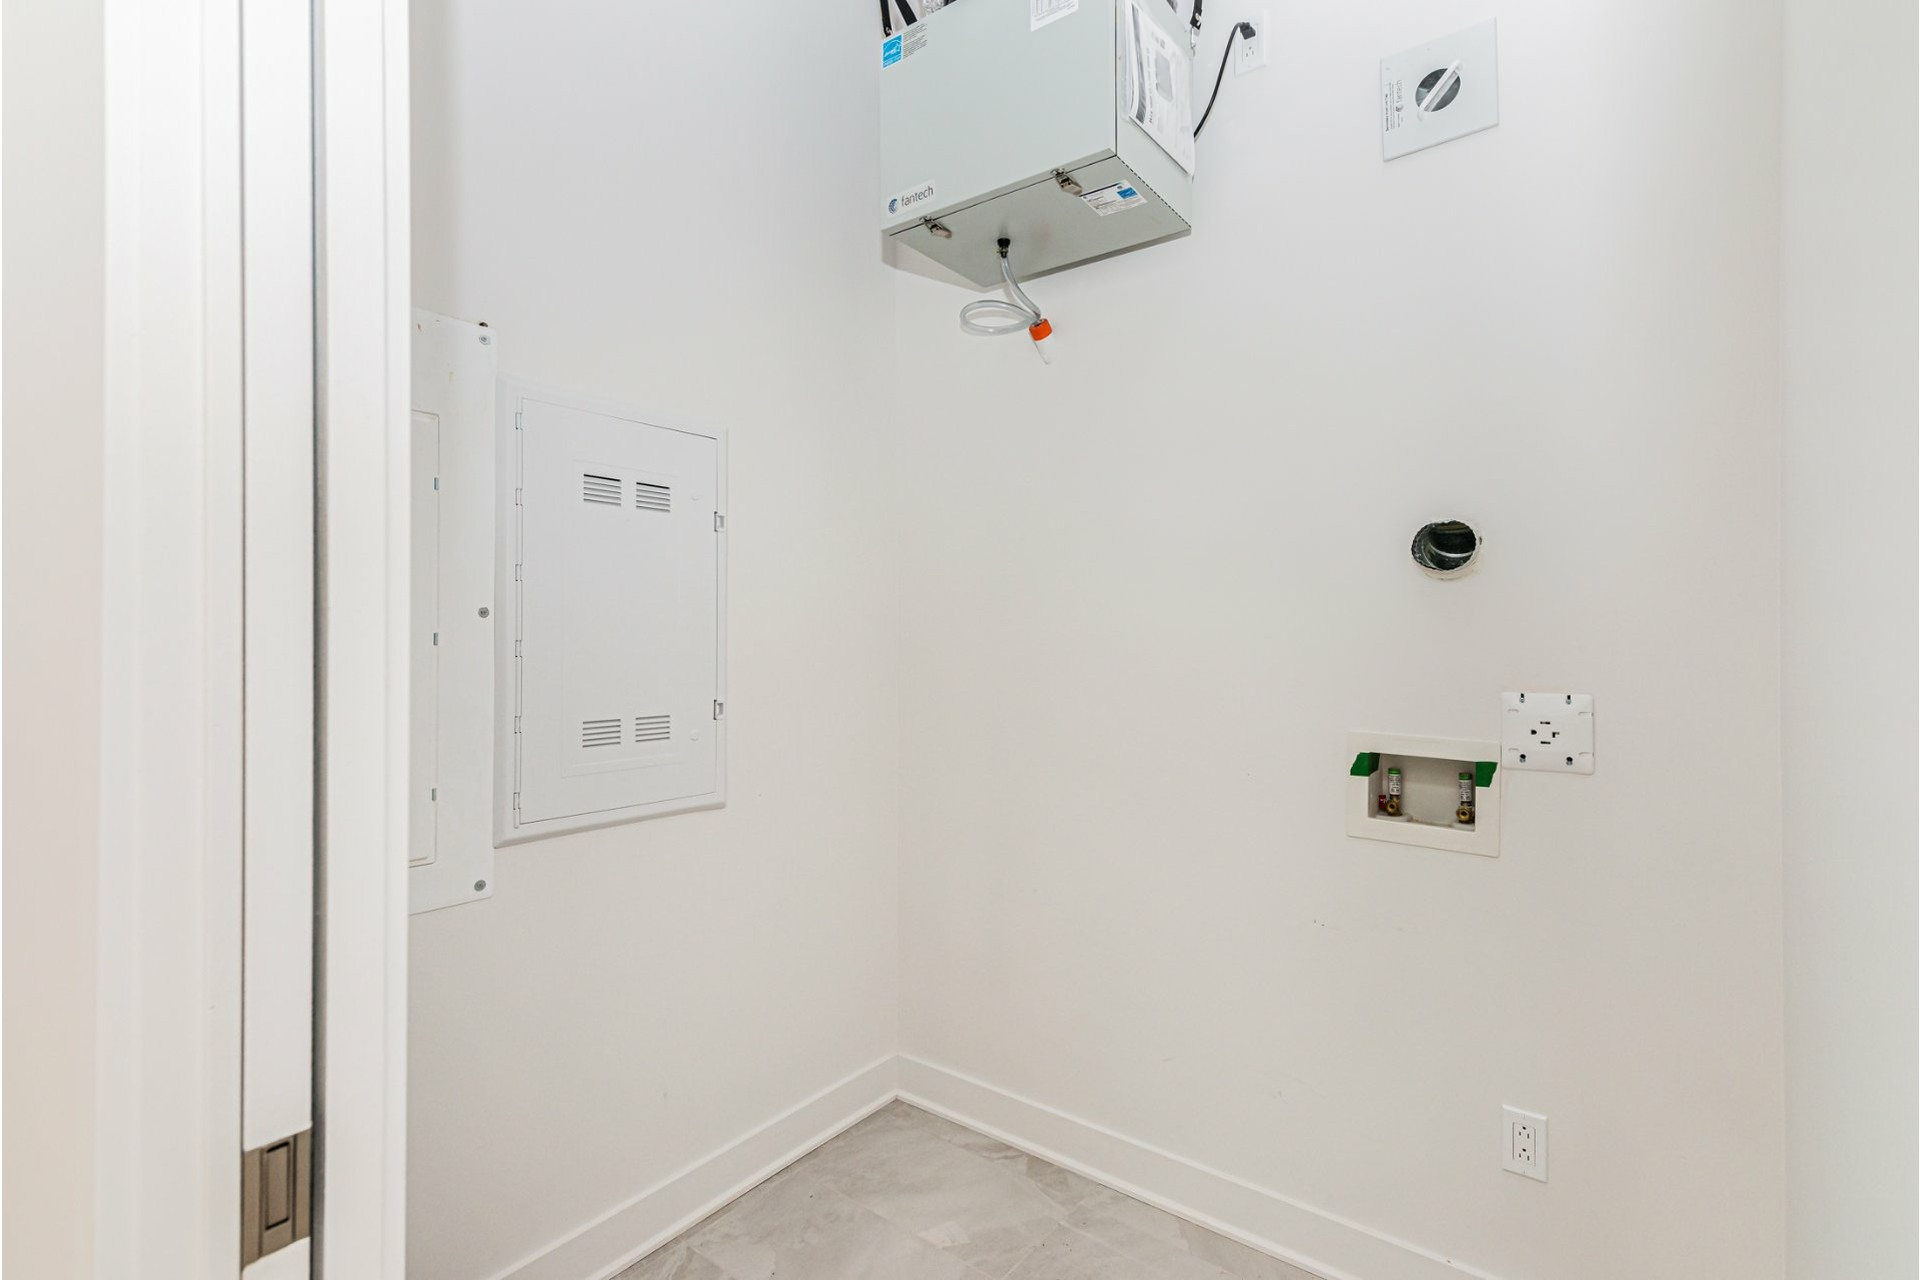 image 10 - Appartement À vendre Rosemont/La Petite-Patrie Montréal  - 5 pièces